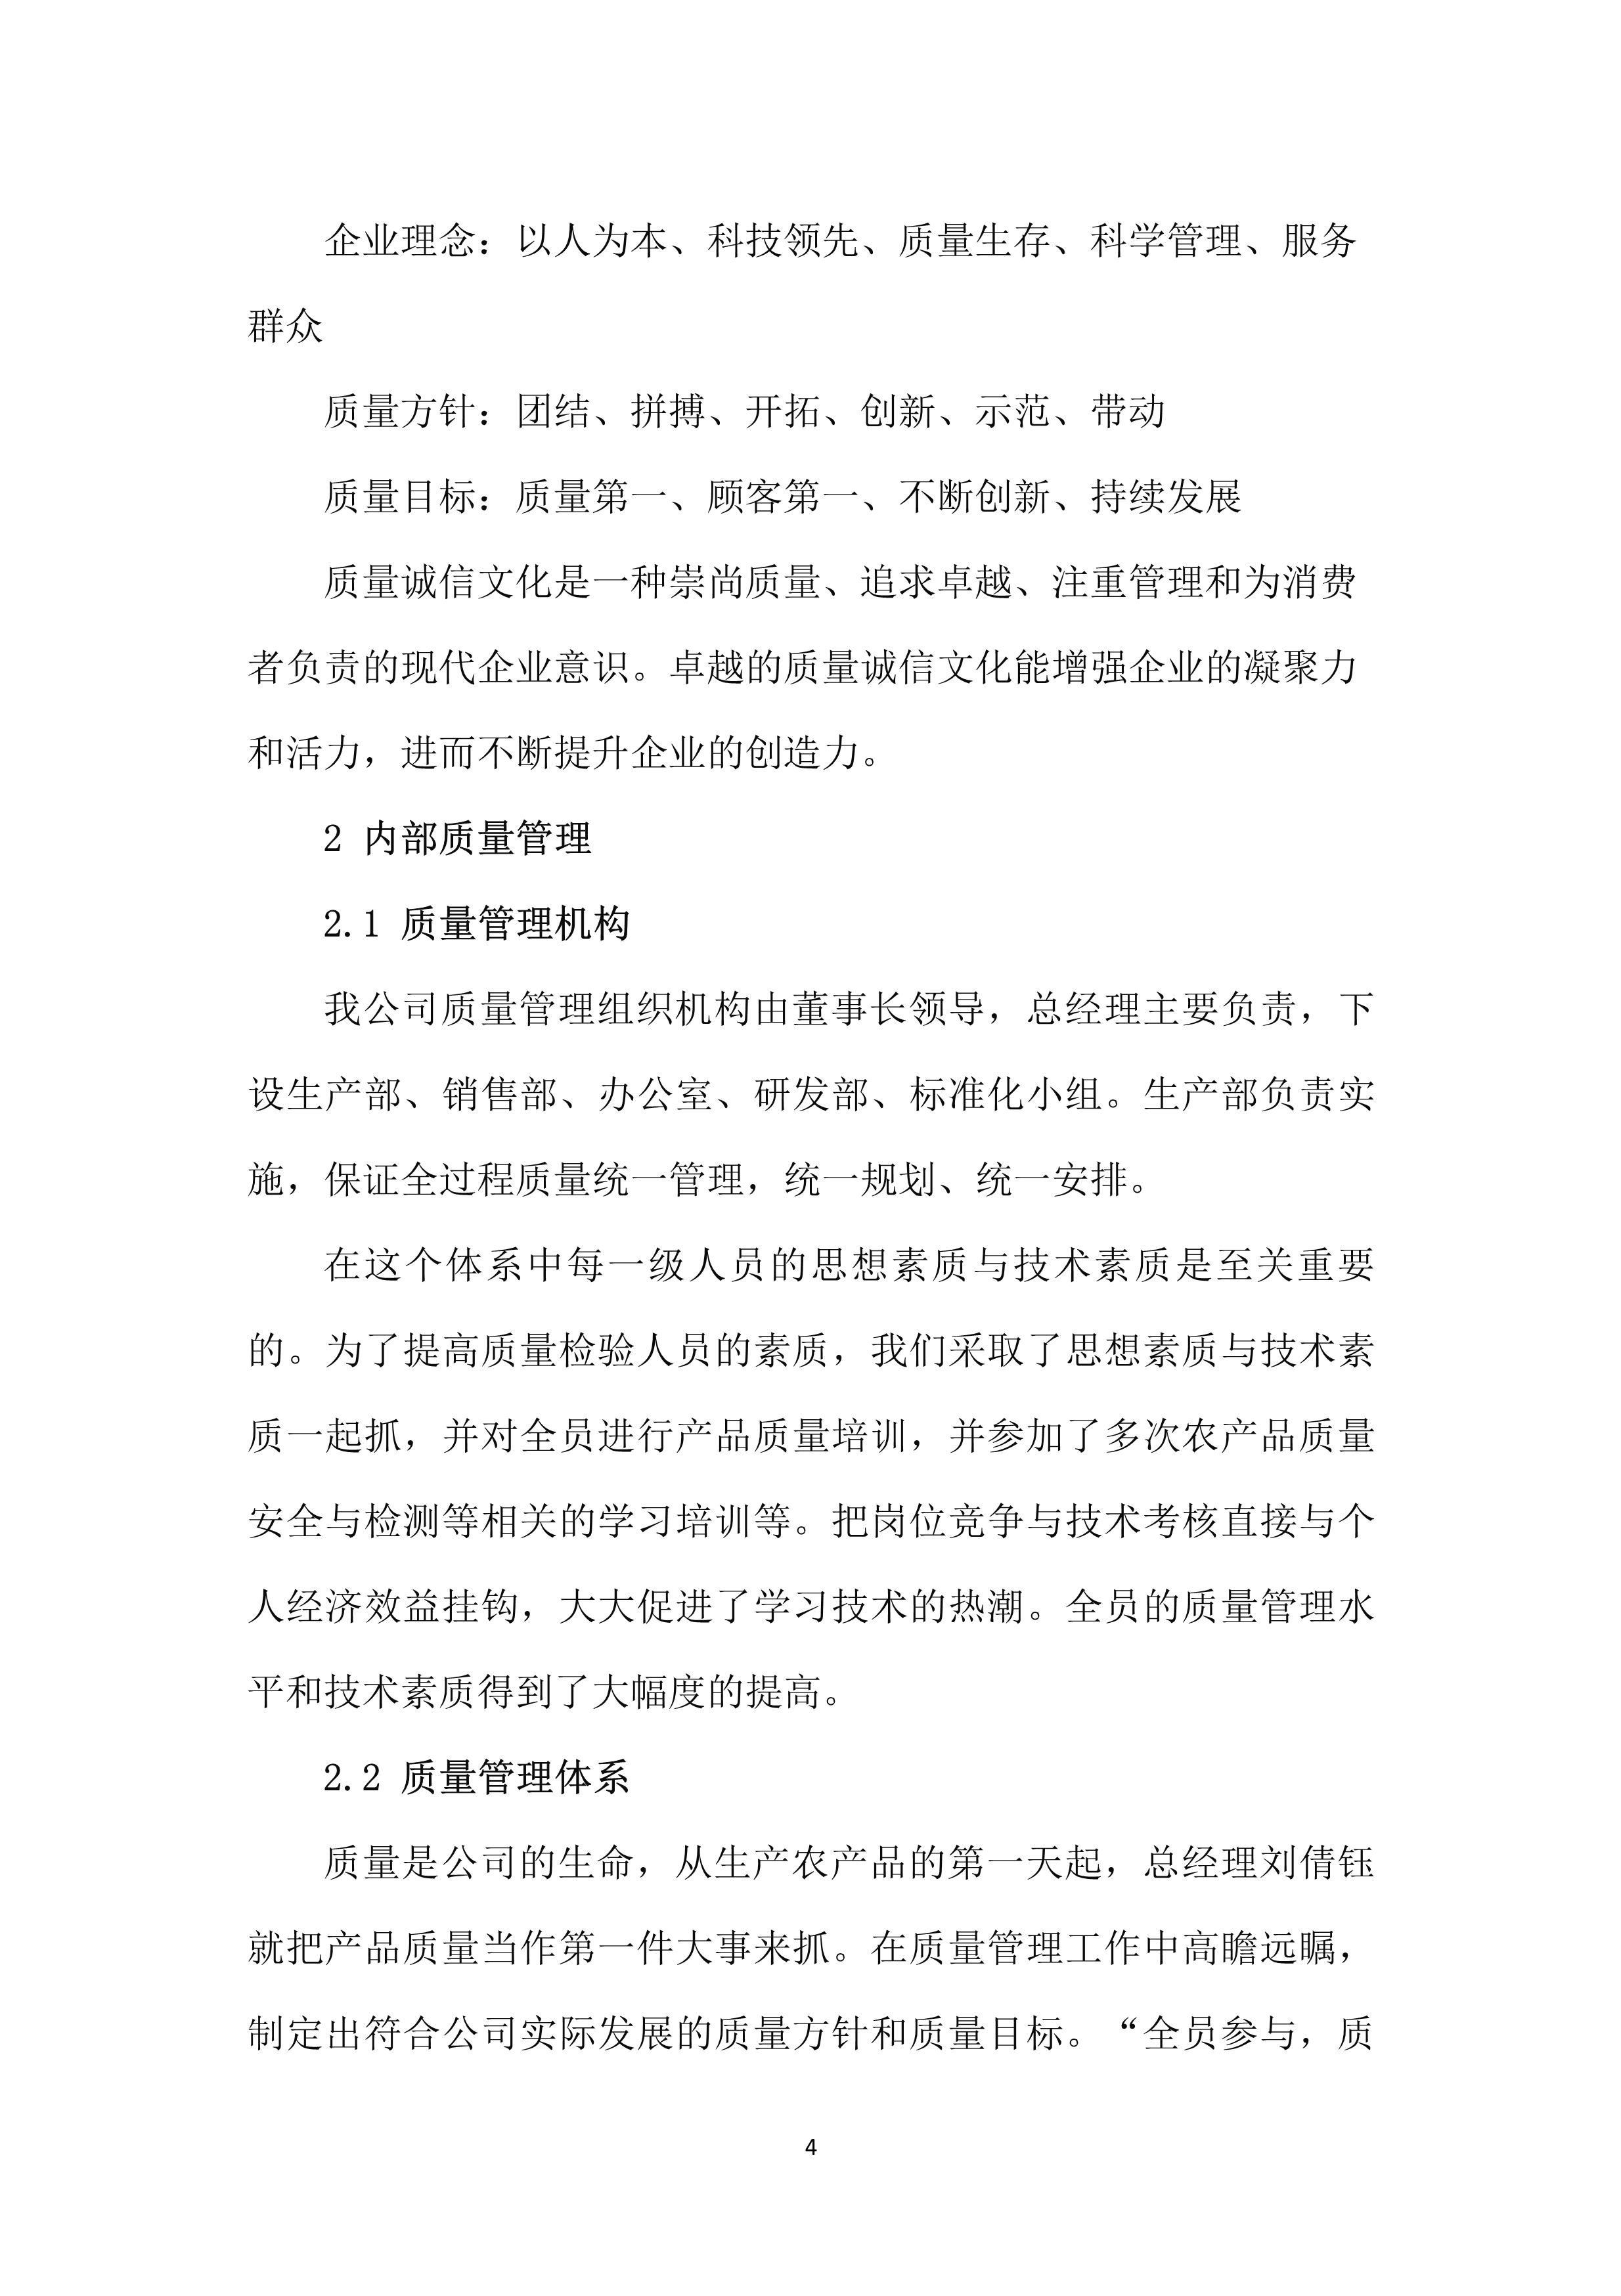 陕西天行健《企业质量信用报告 》|企业新闻-陕西天行健生物工程股份有限公司